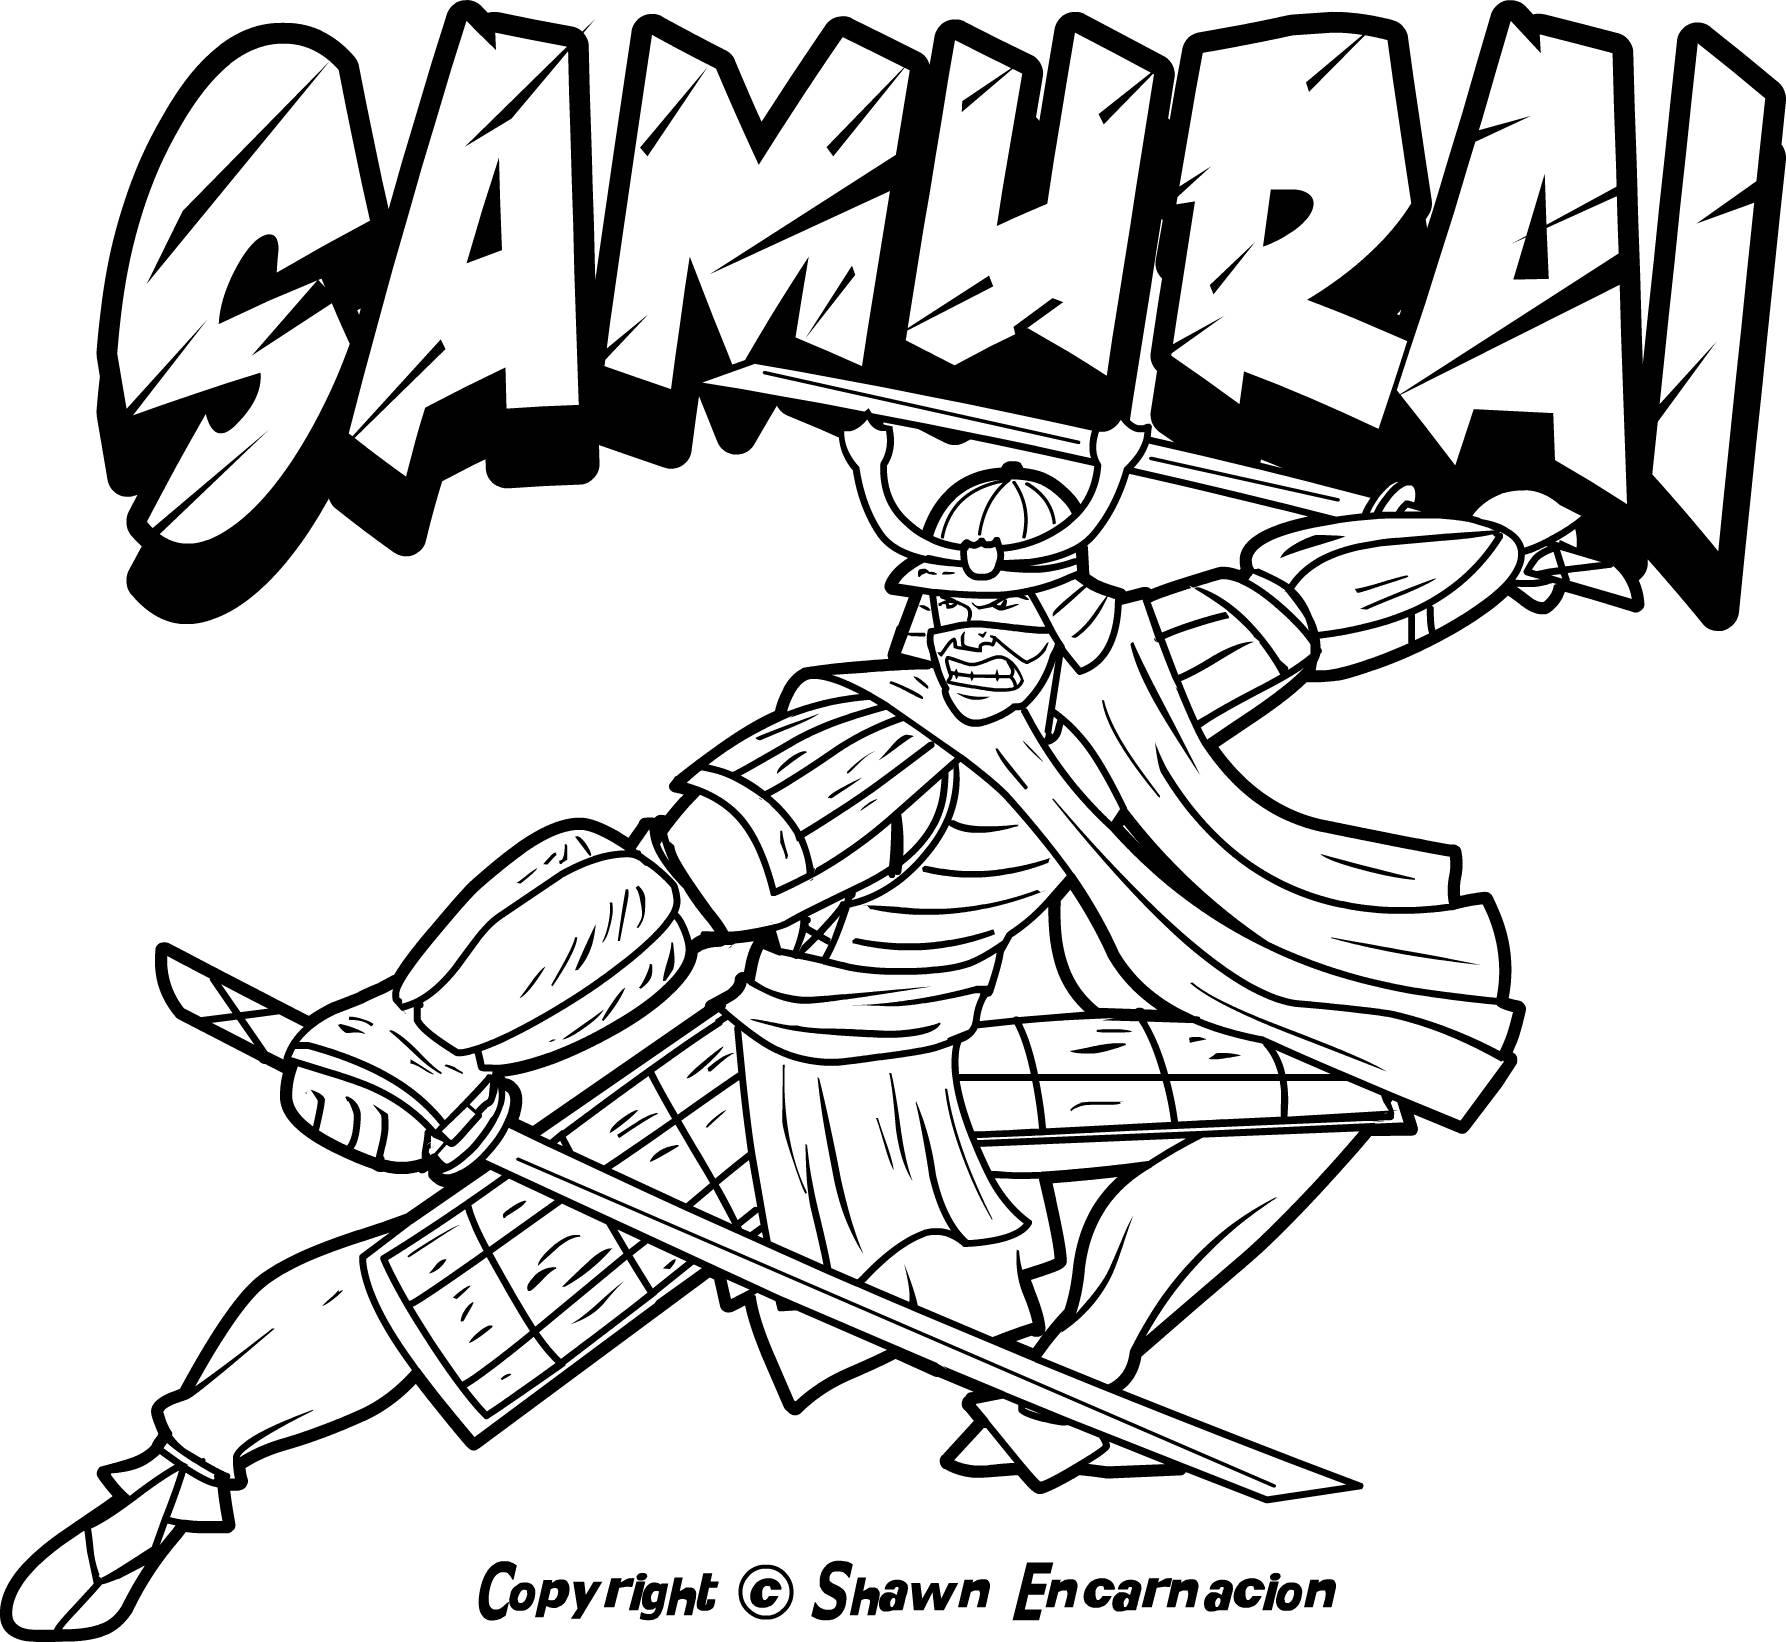 Drawn samurai japanese symbol Samurai Coloring Japan coloring Warriors